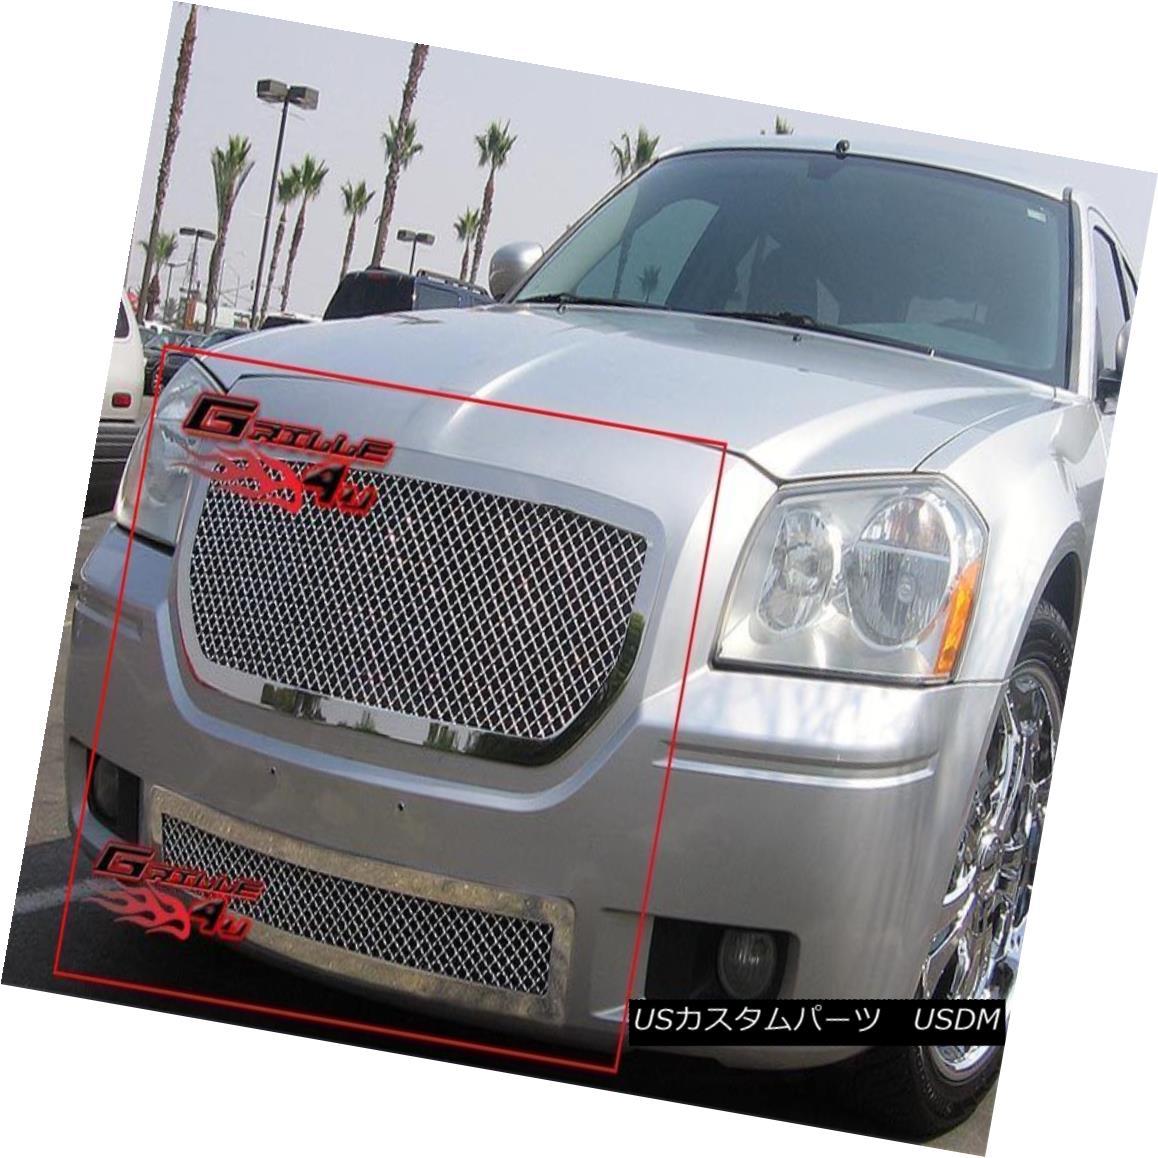 グリル Fits 2005-2007 Dodge Magnum Stainless Mesh Grille Combo 2005-2007 Dodge Magnumステンレスメッシュグリルコンボに適合